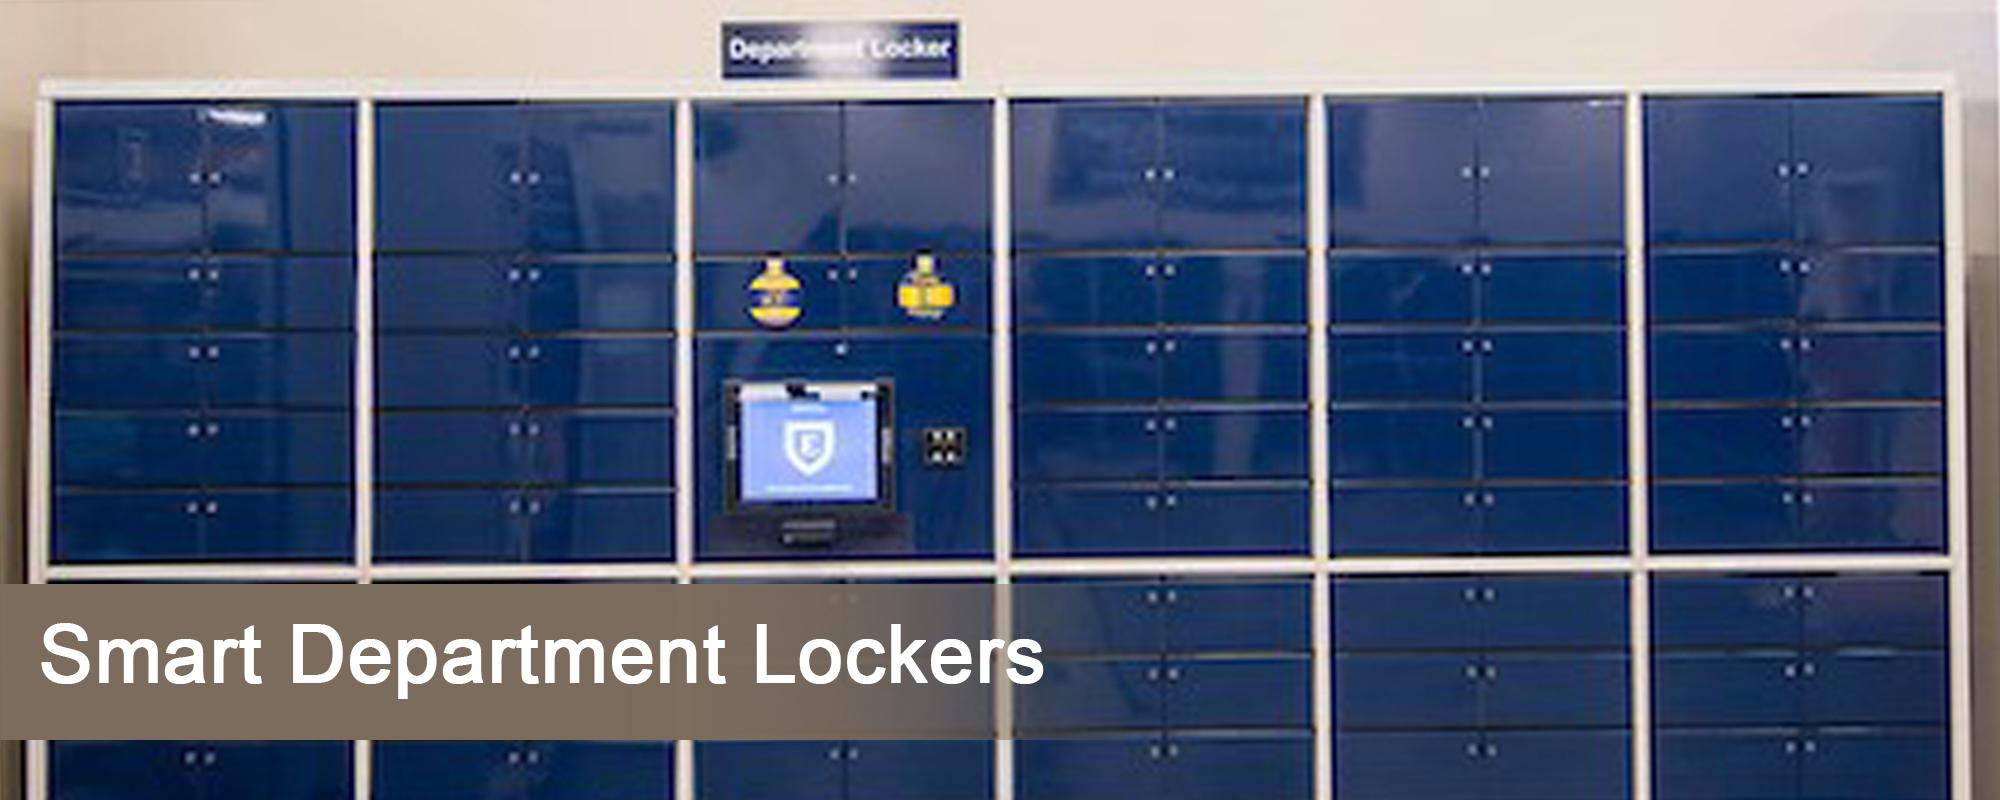 Smart Department Lockers